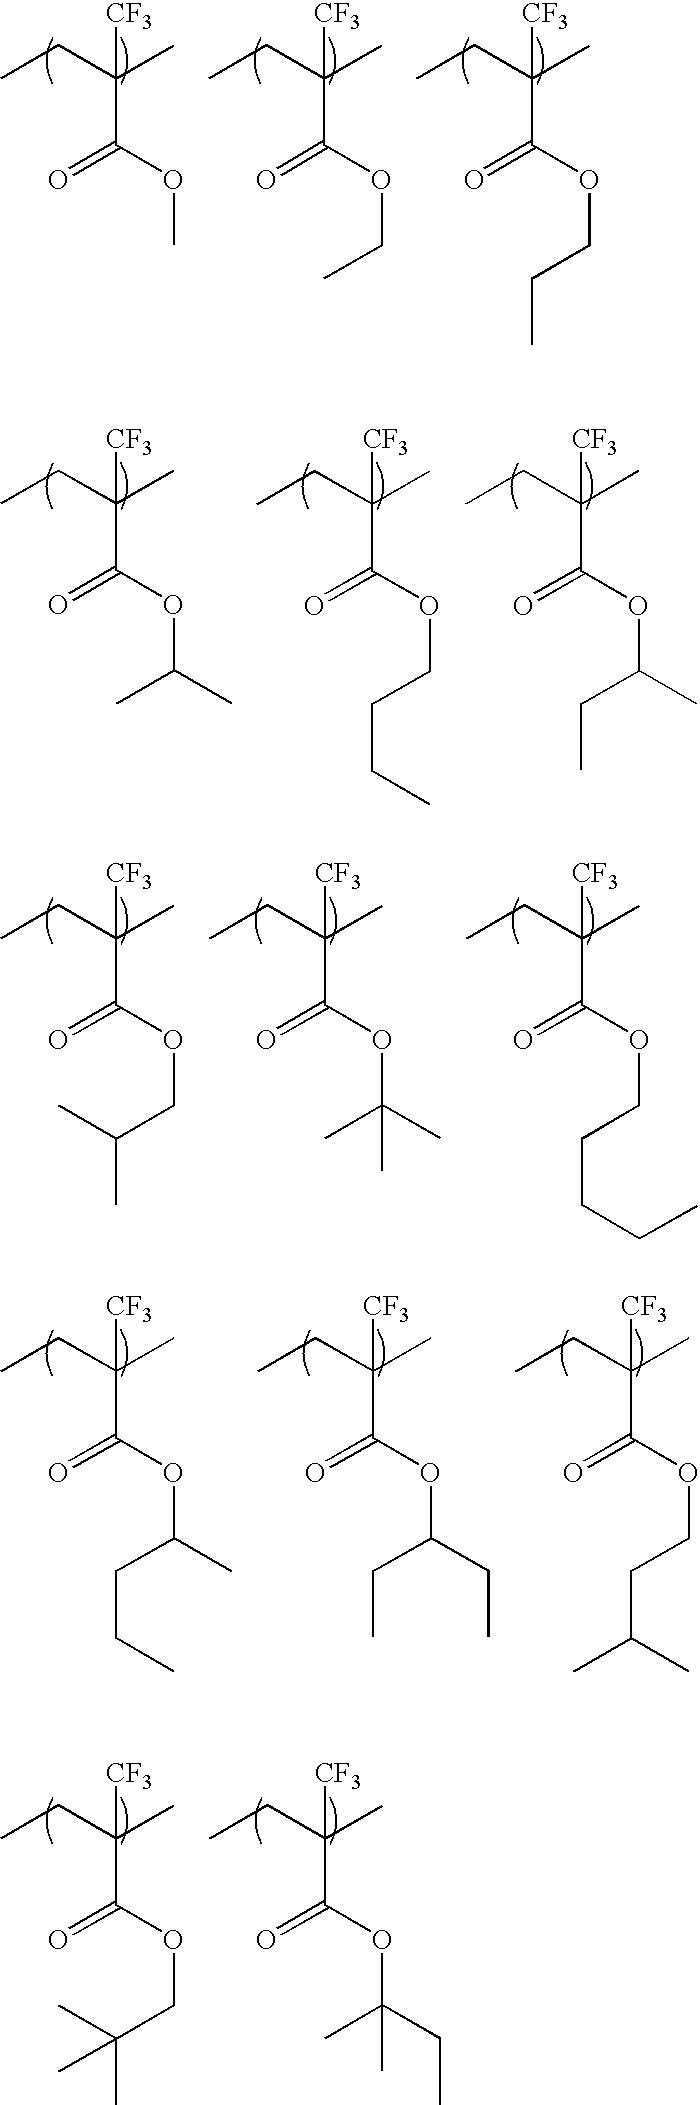 Figure US20090280434A1-20091112-C00016